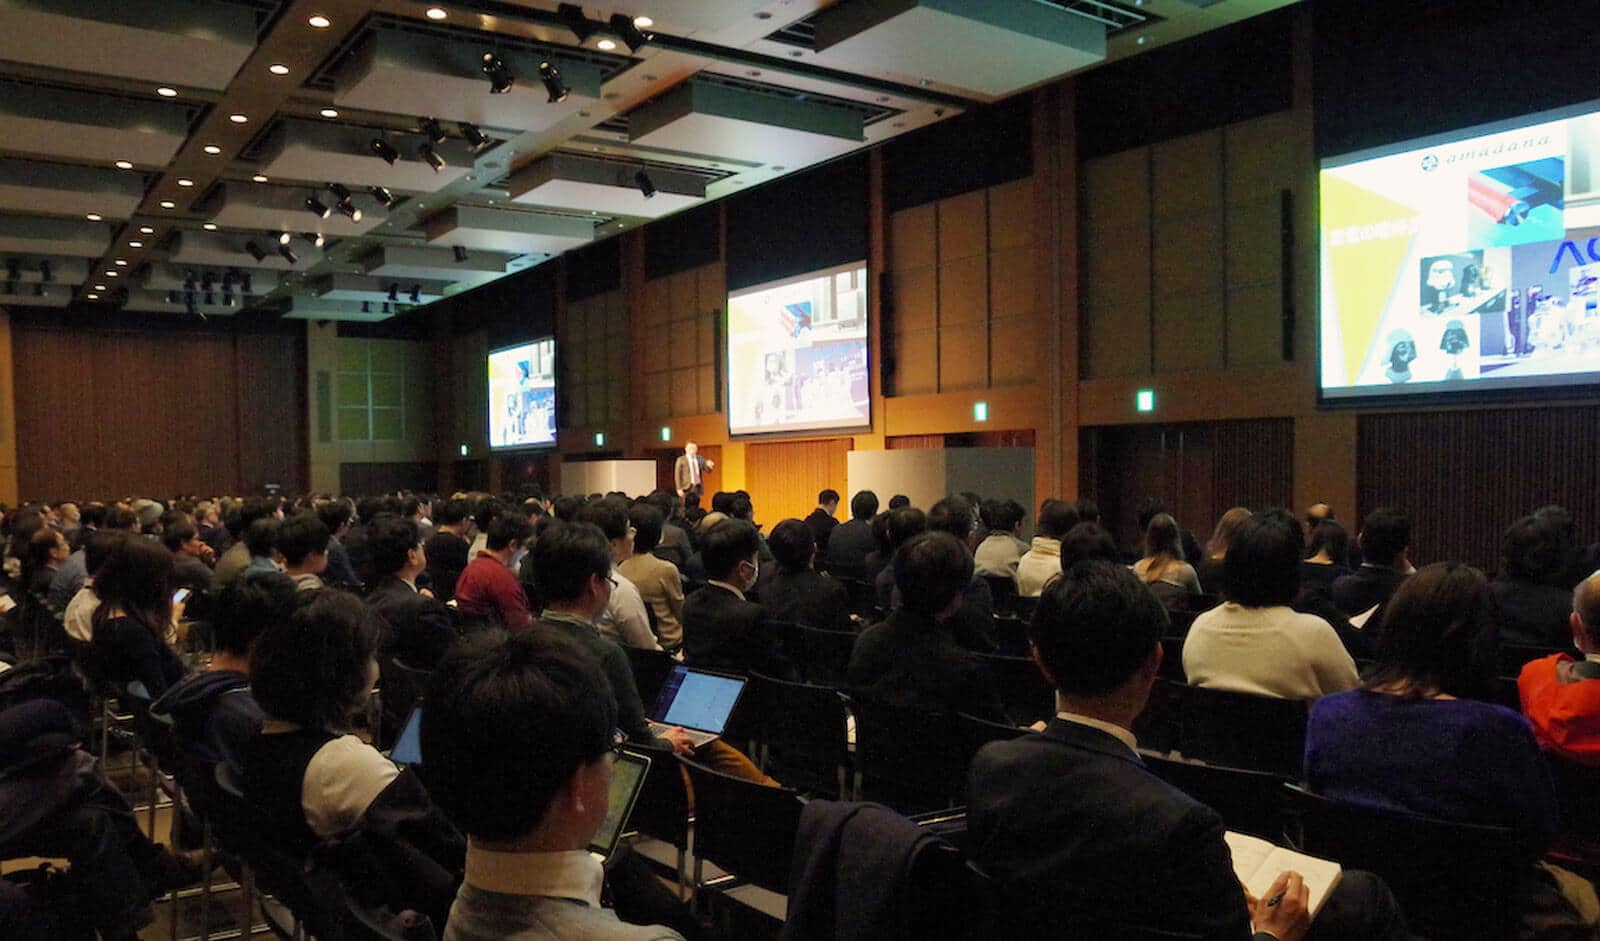 Photo of 【2019年】デジタルマーケティング・IoT関連イベントまとめ【2019/01/07更新】